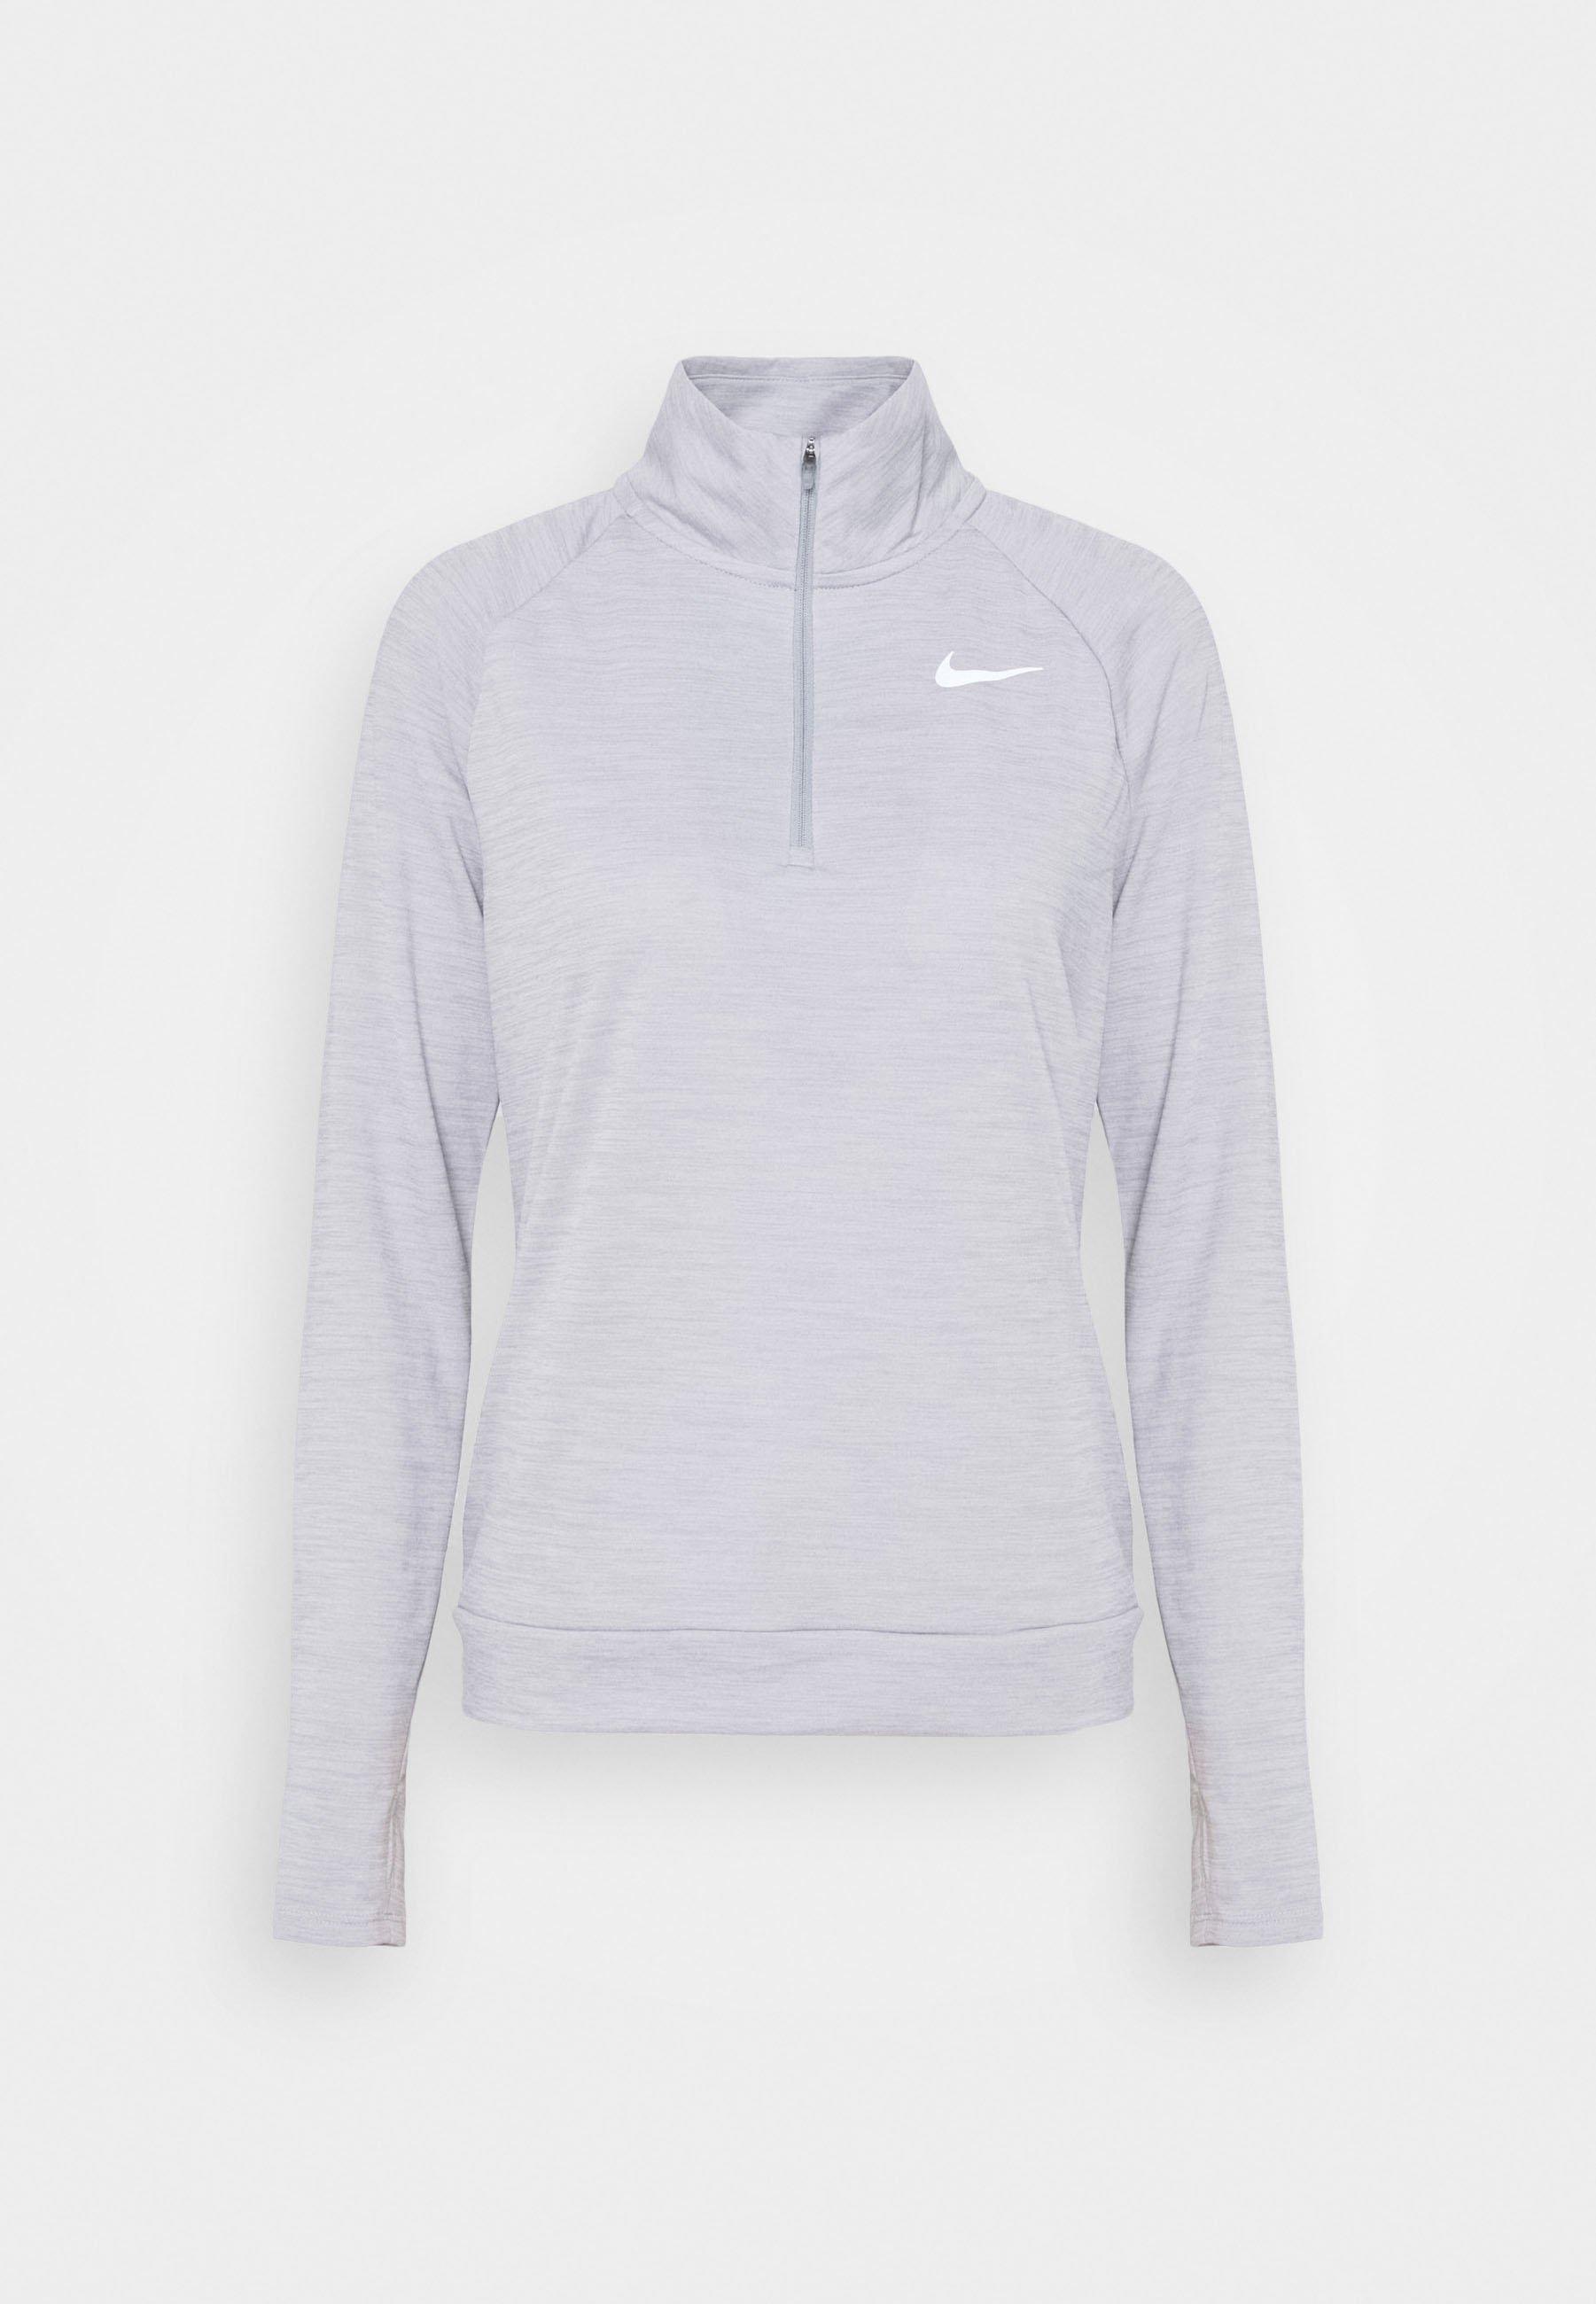 PACER T shirt de sport light smoke greyreflective silver